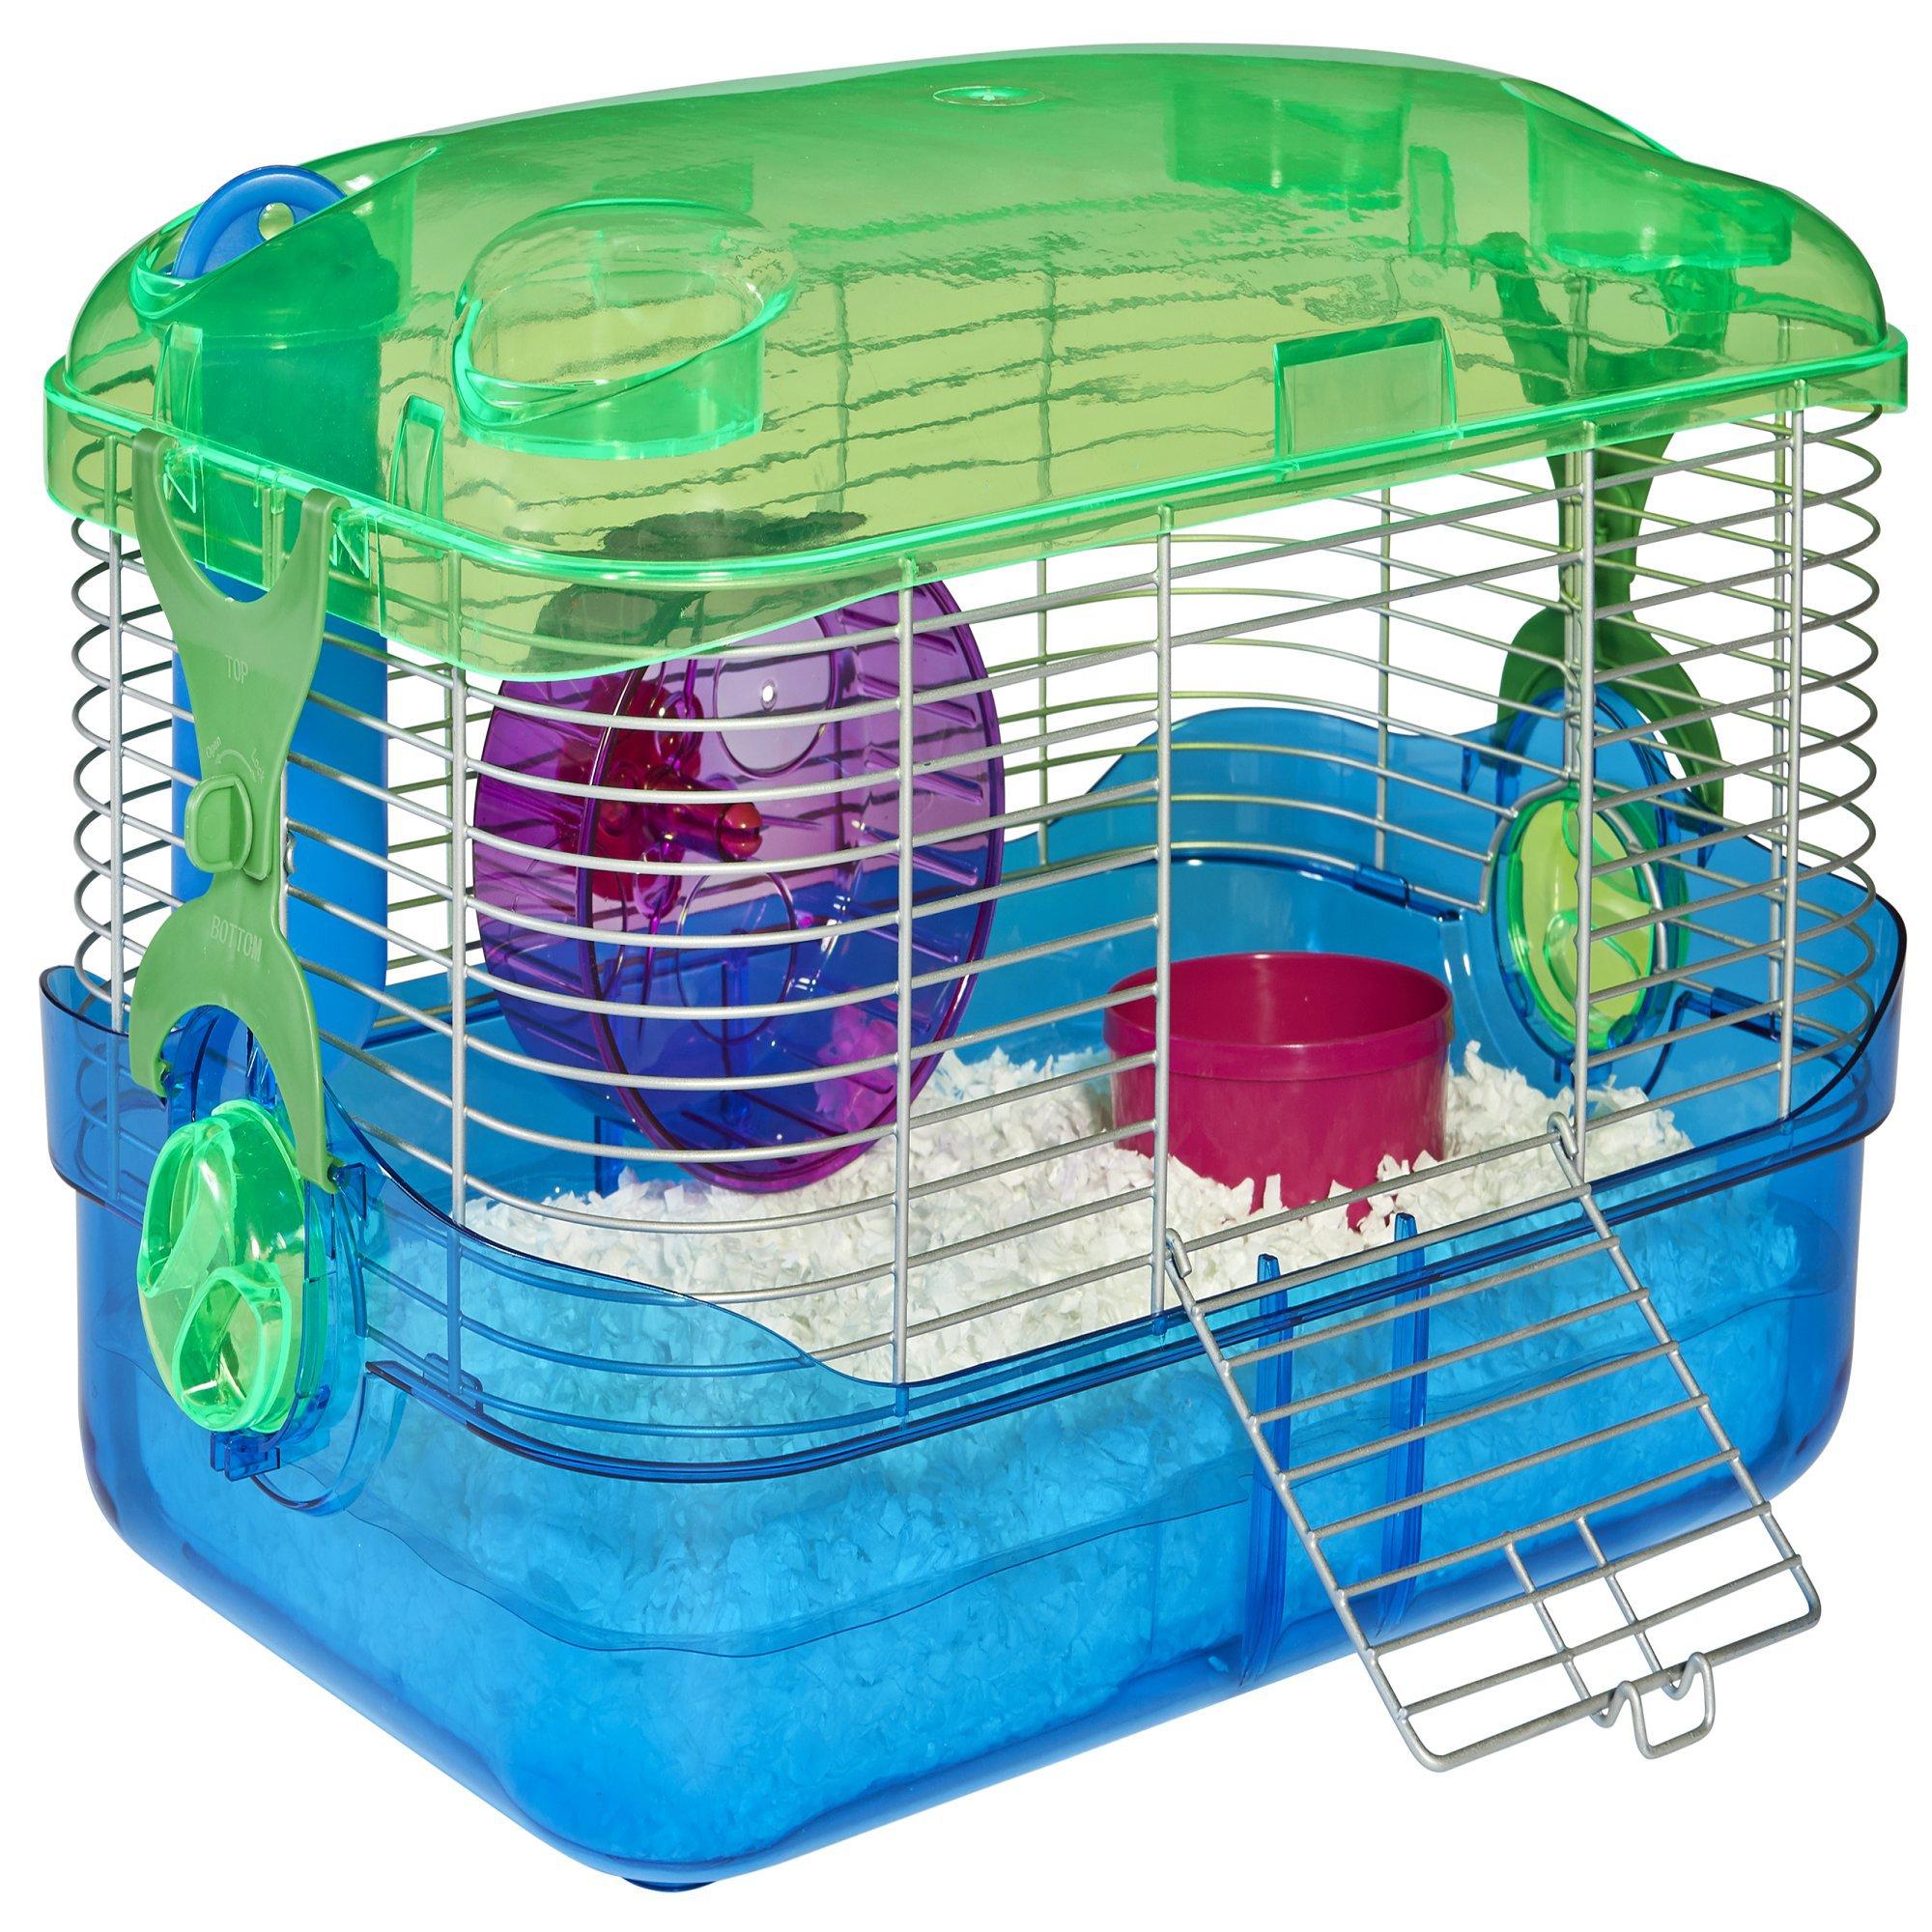 Kaytee Crittertrail Small Animal Habitat Starter Kit Petco